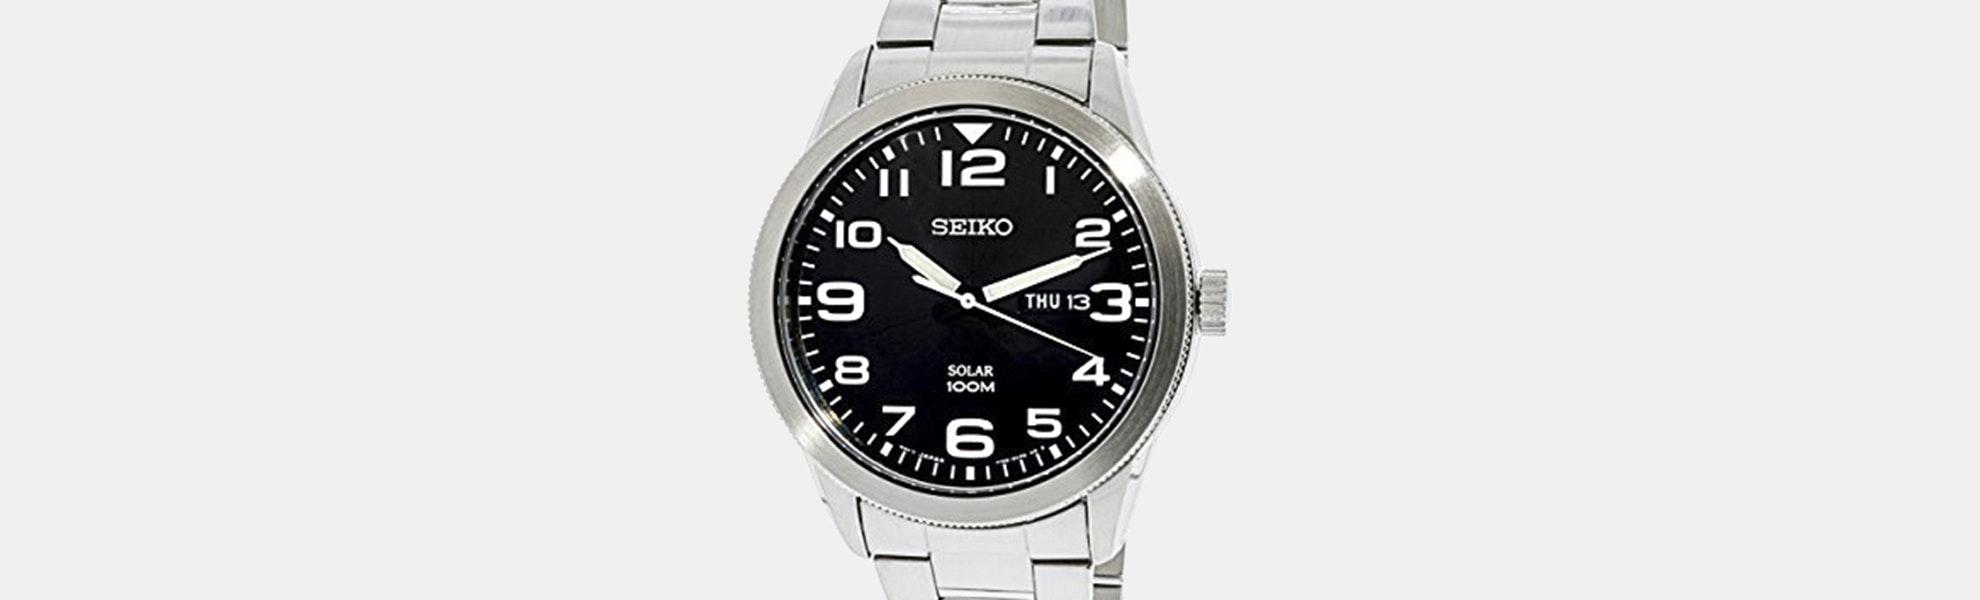 Seiko Sports SNE Solar Watch